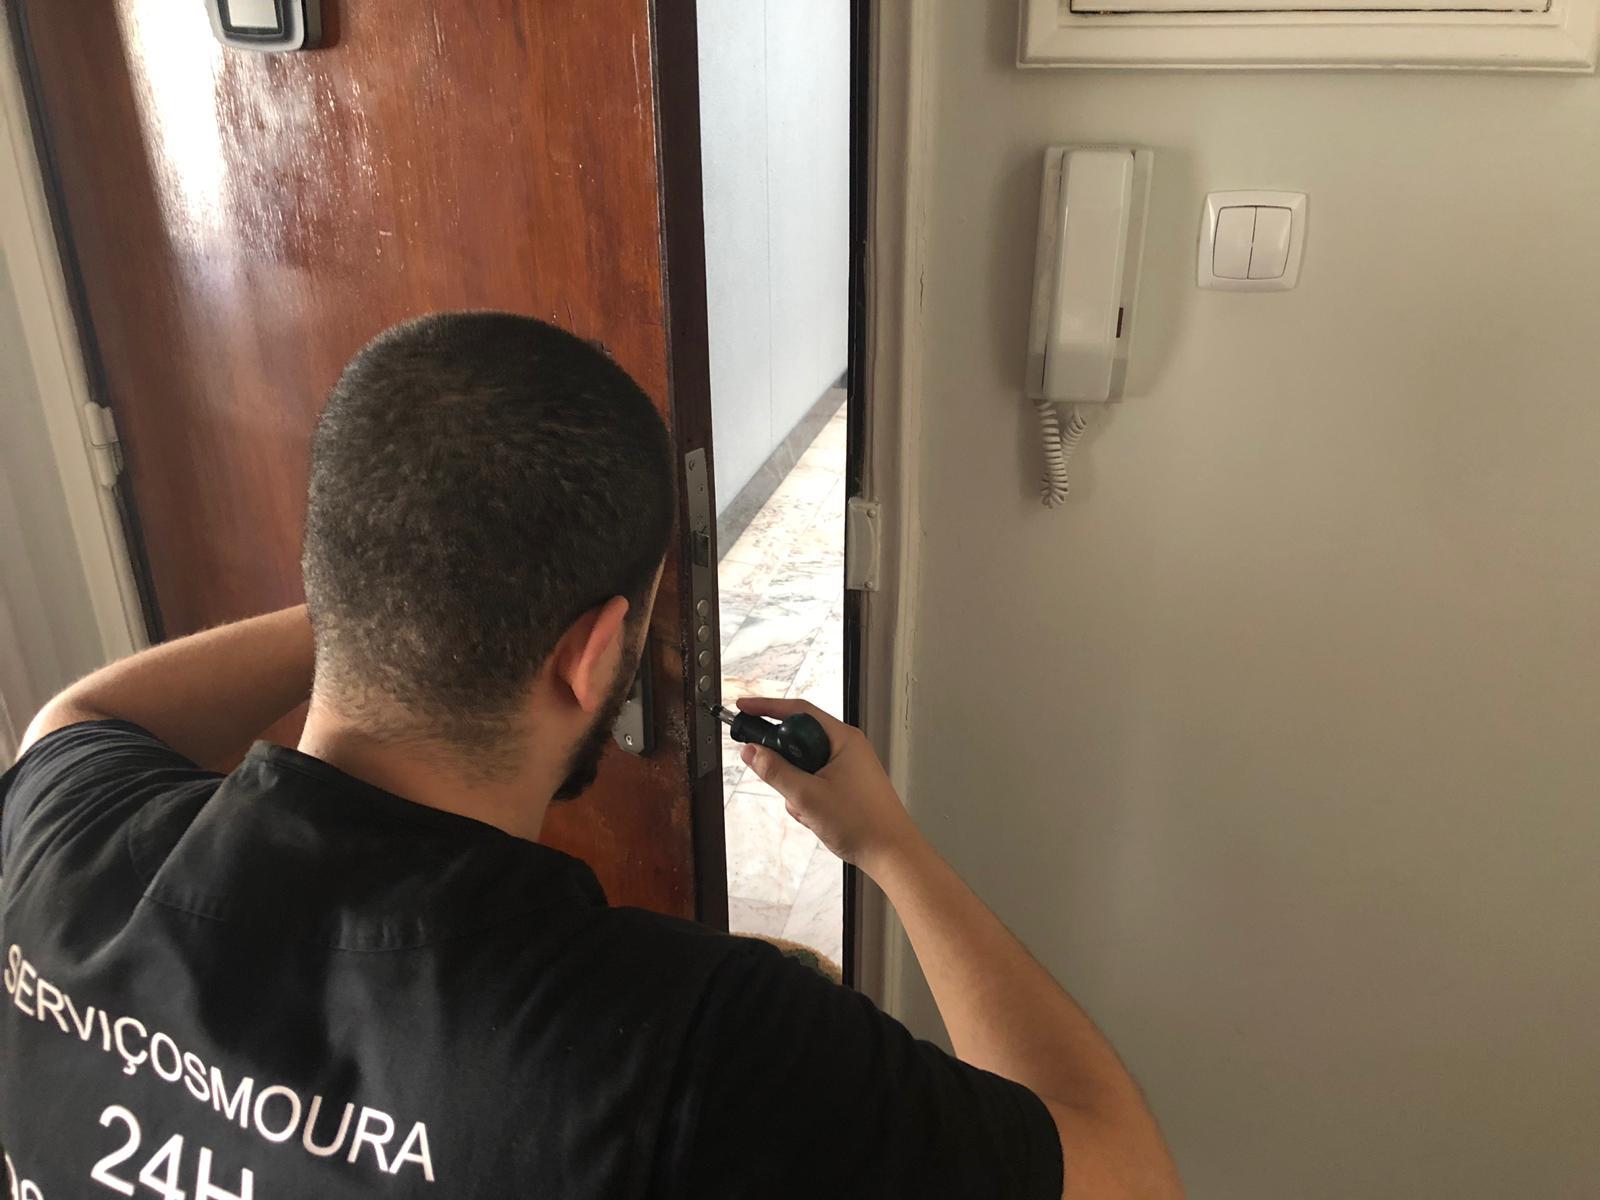 tecnico de abertura de portas a fazer uma reparação